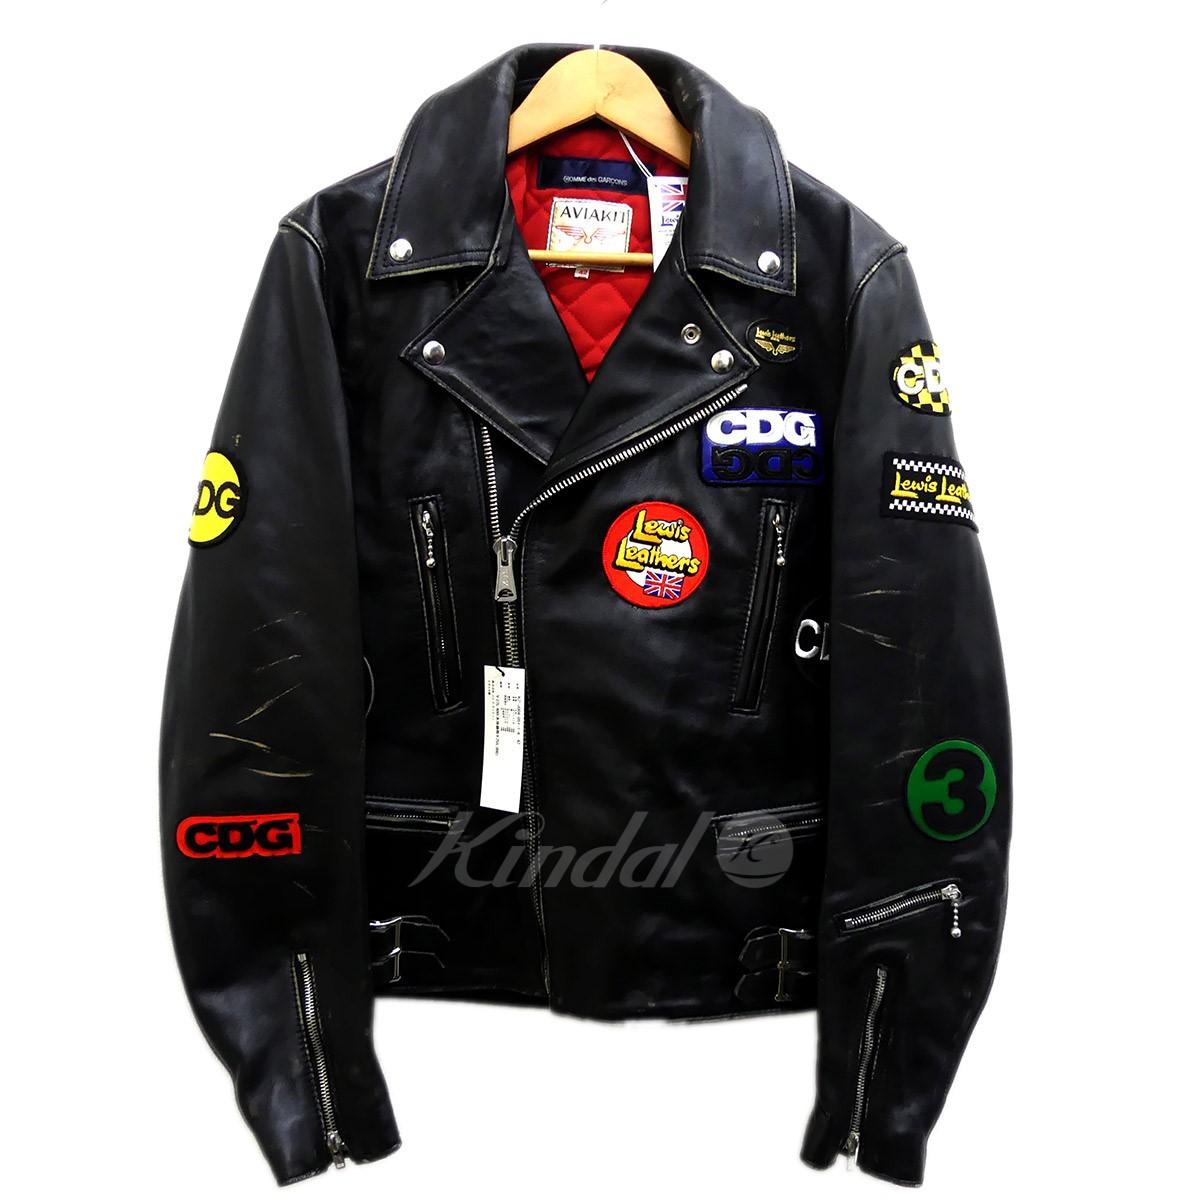 【中古】COMME des GARCONS×Lewis Leather ライトニング レザーライダースジャケット ブラック サイズ:42 【送料無料】 【261018】(コムデギャルソン×ルイスレザー)